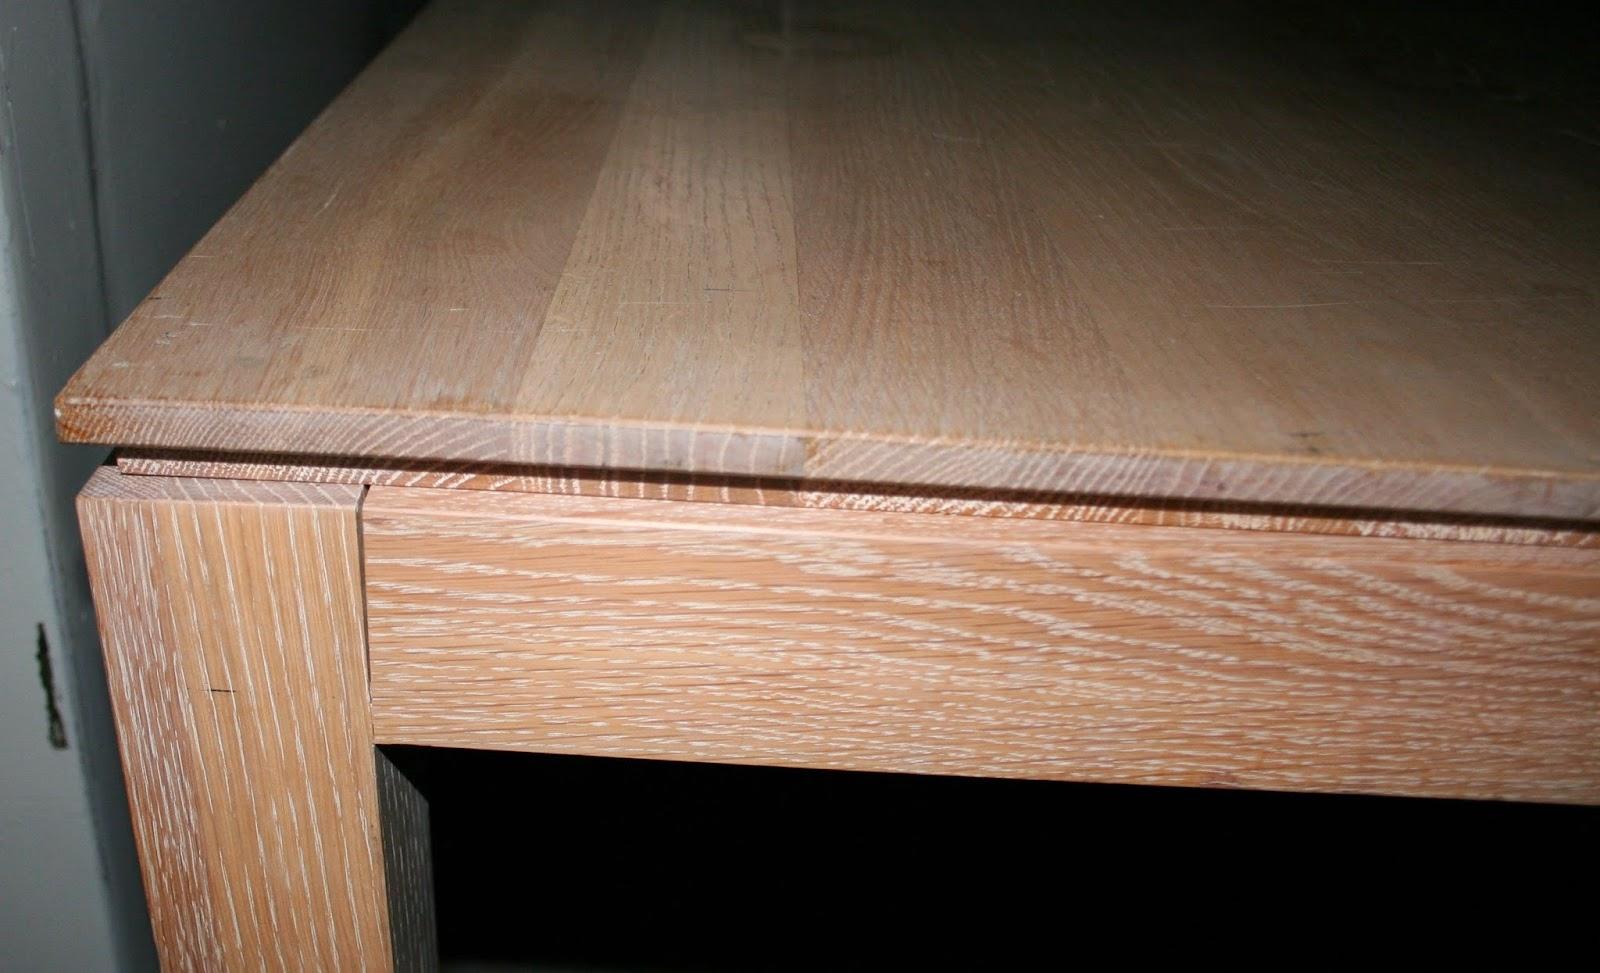 preishalle24 news 15x gastro imbiss vollholz eiche tisch gastro m bel berlin. Black Bedroom Furniture Sets. Home Design Ideas